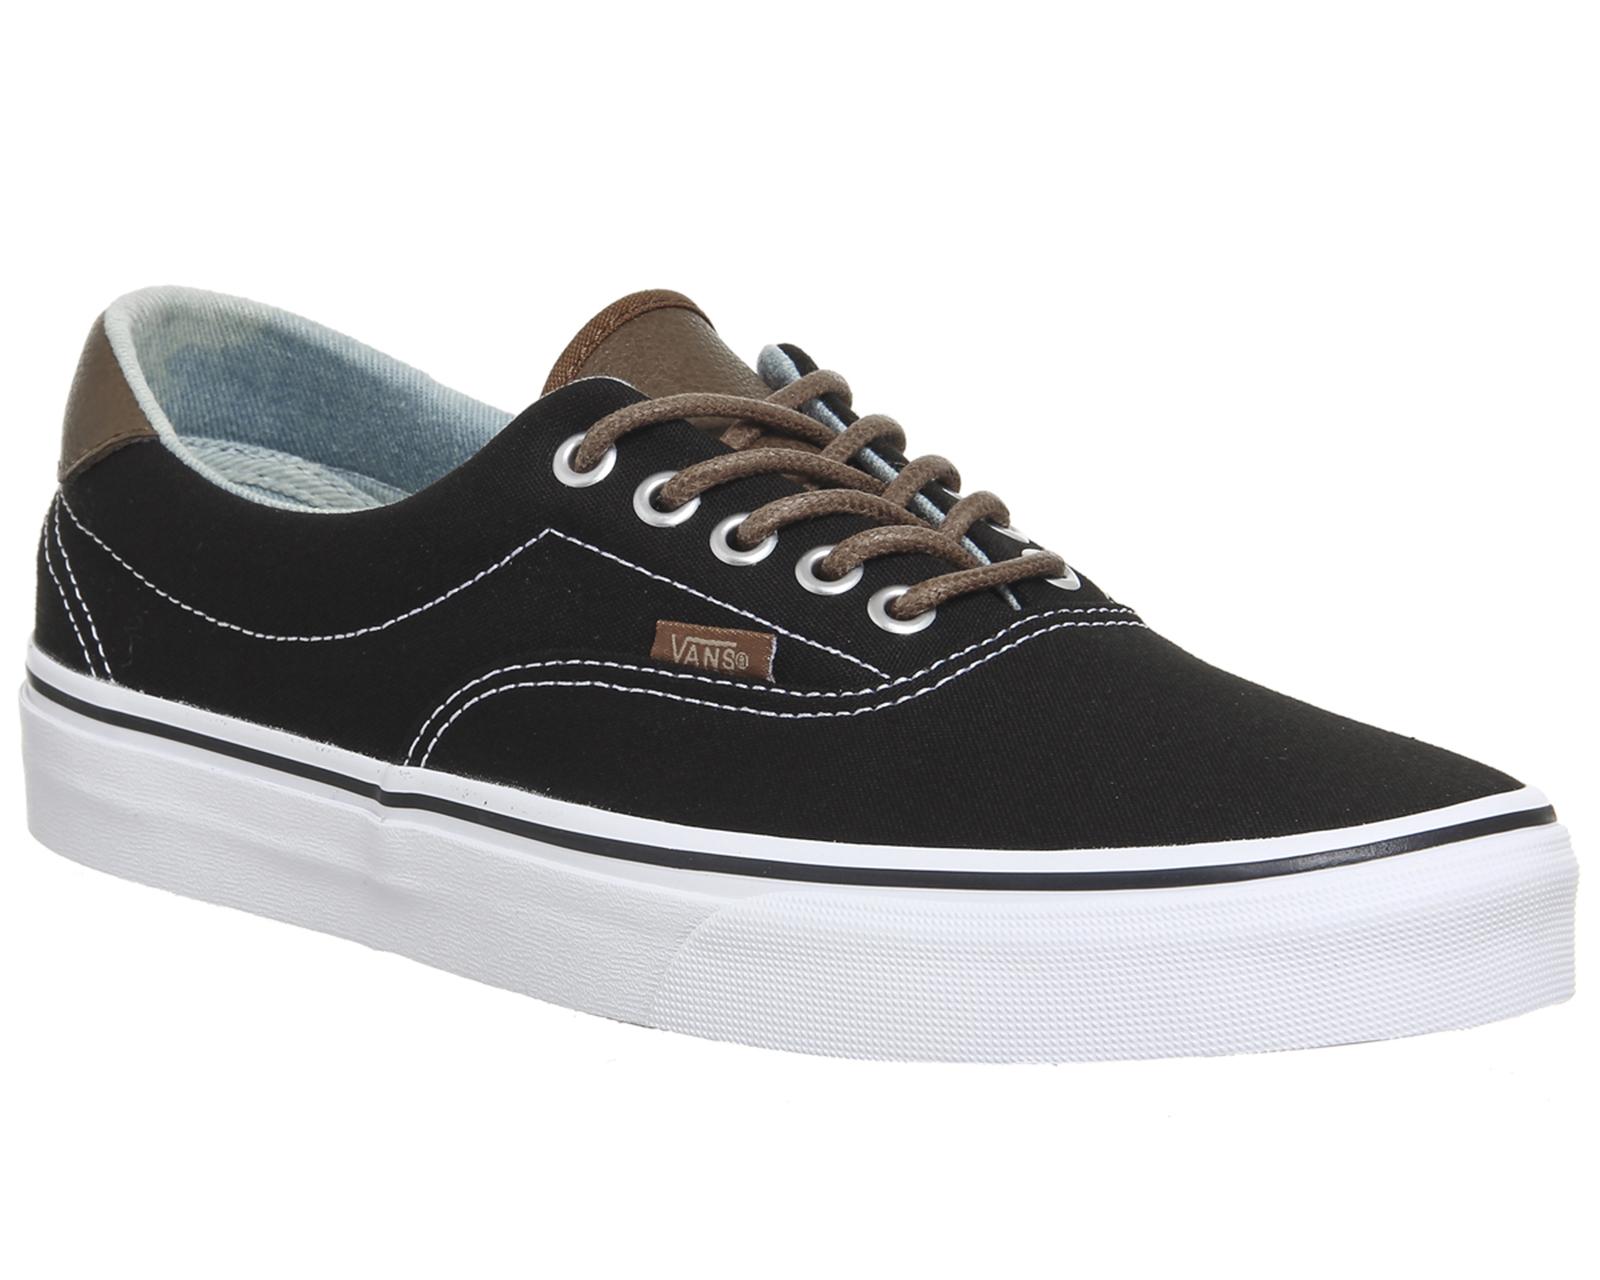 8c5331eabf28e3 Womens Vans Era 59 Lace Up Trainers BLACK ACID DENIM Trainers Shoes ...